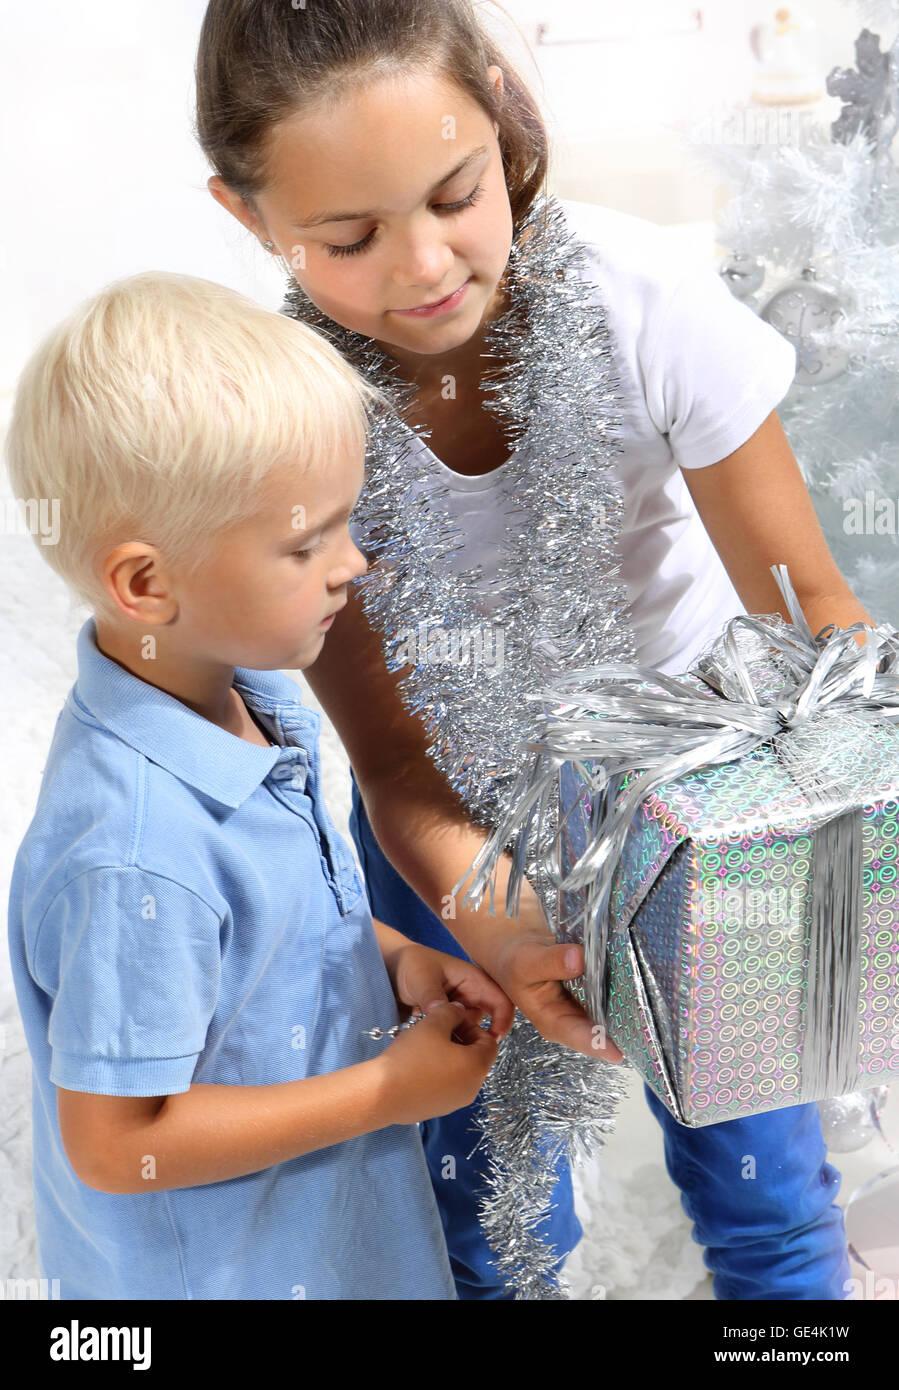 Schwester gibt ihrem Bruder ein Weihnachtsgeschenk Stockfoto, Bild ...